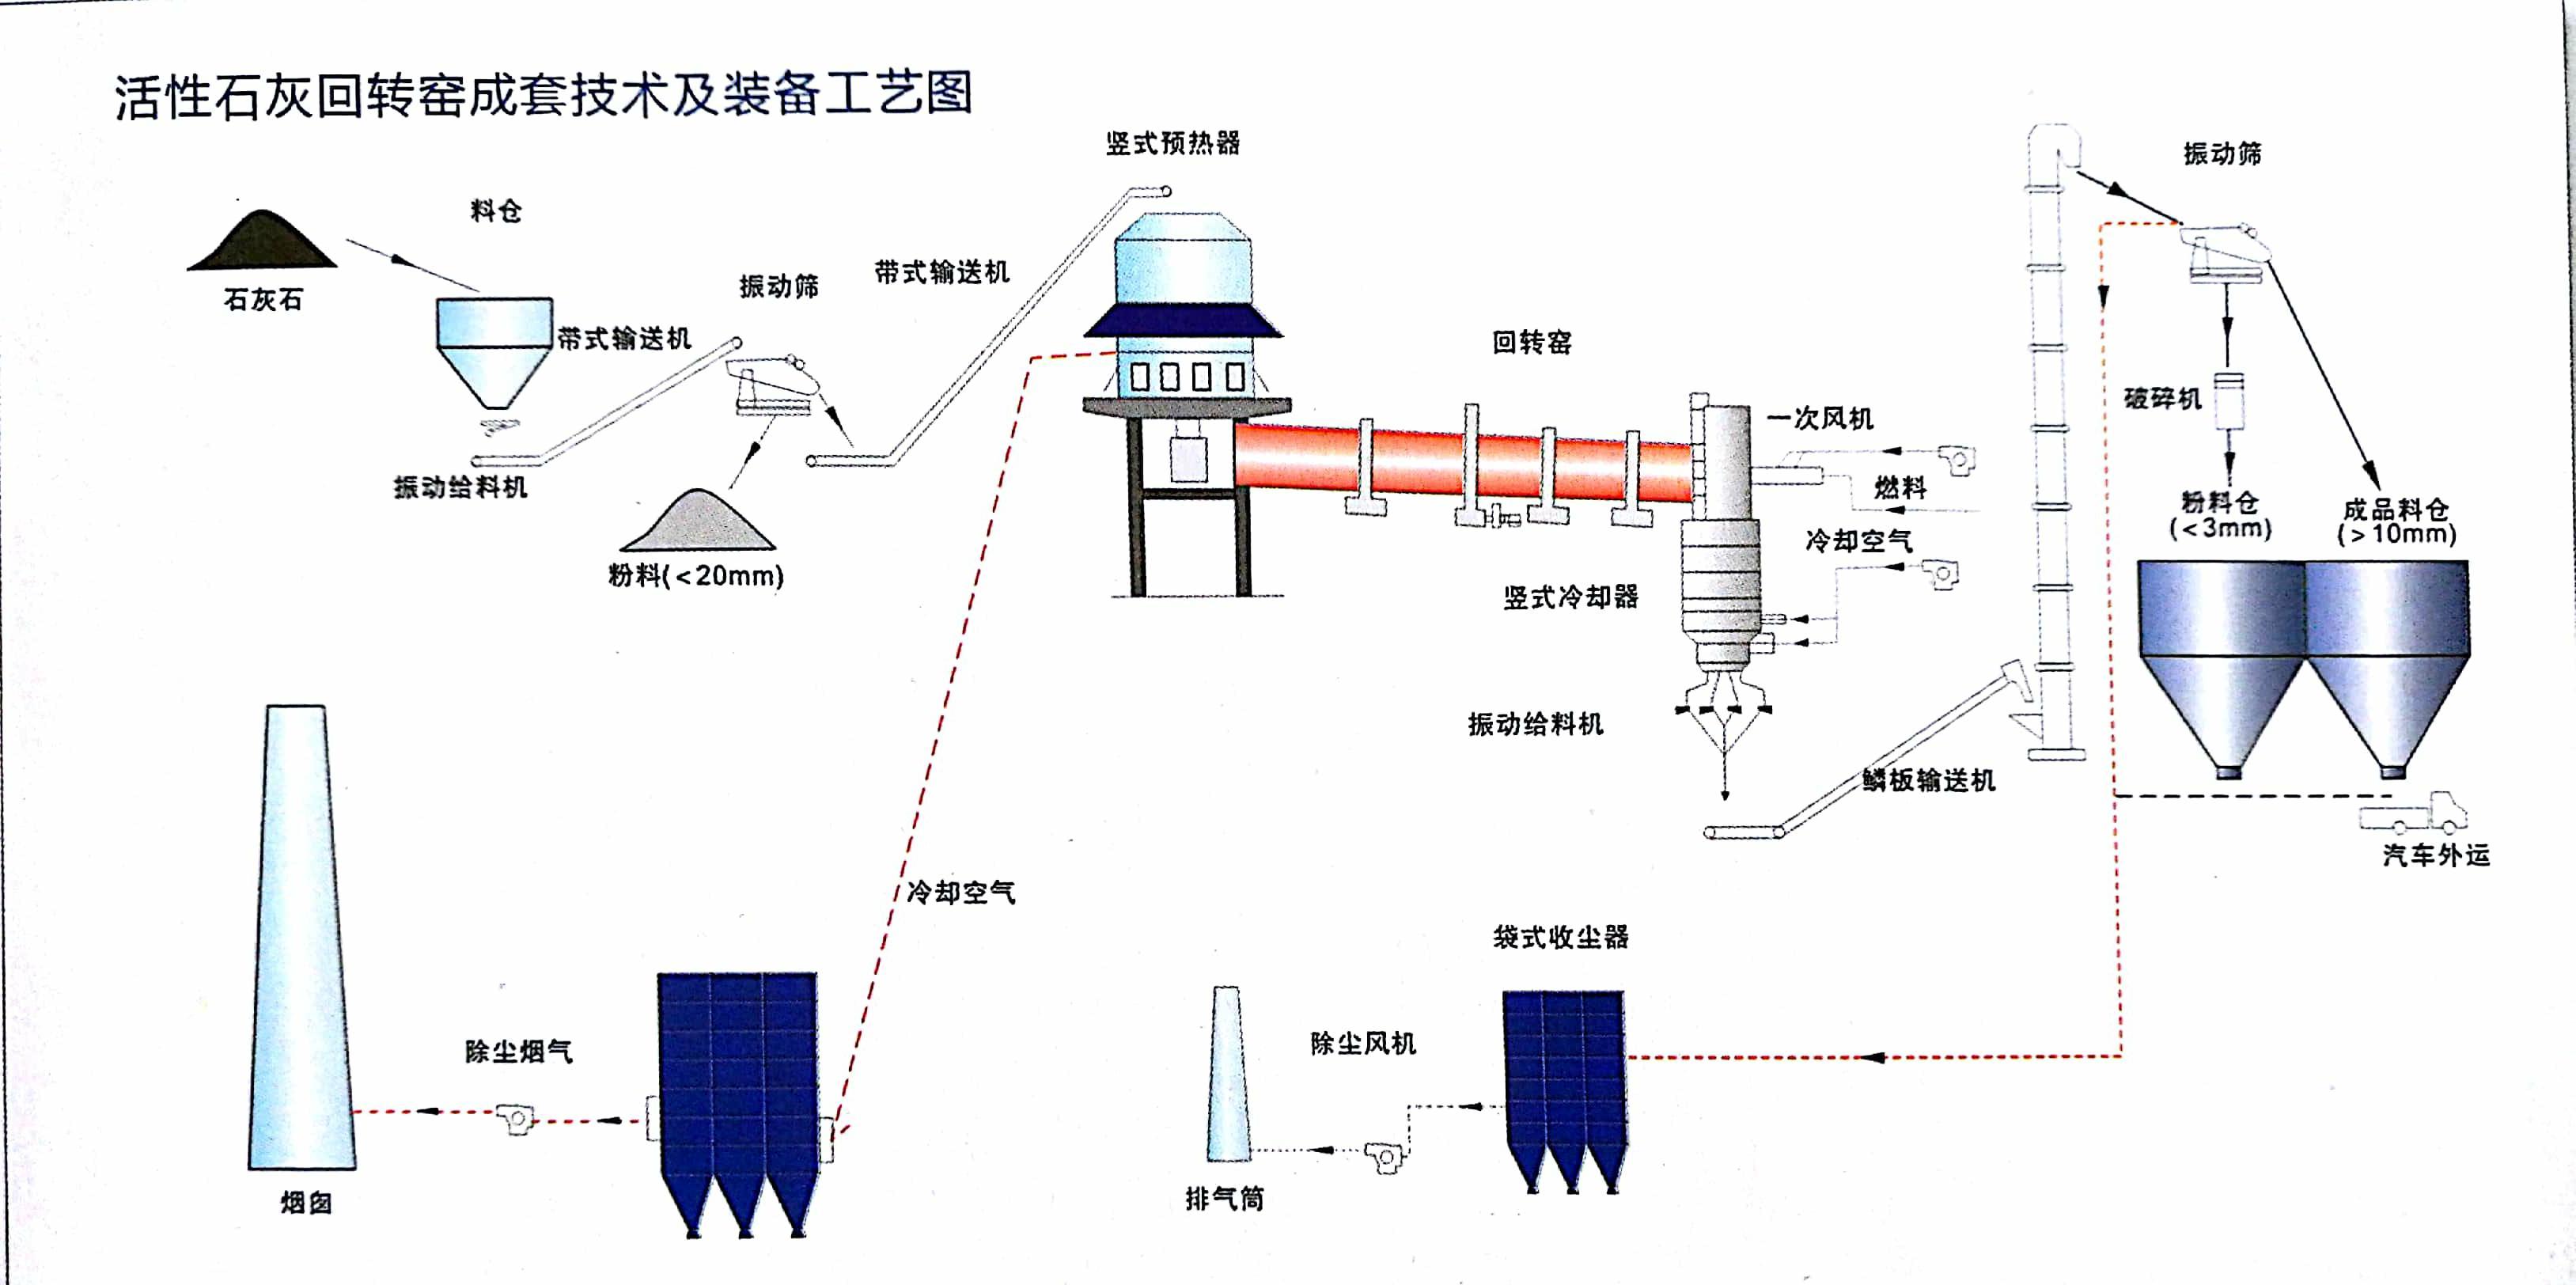 石灰回转窑生产线工艺流程图